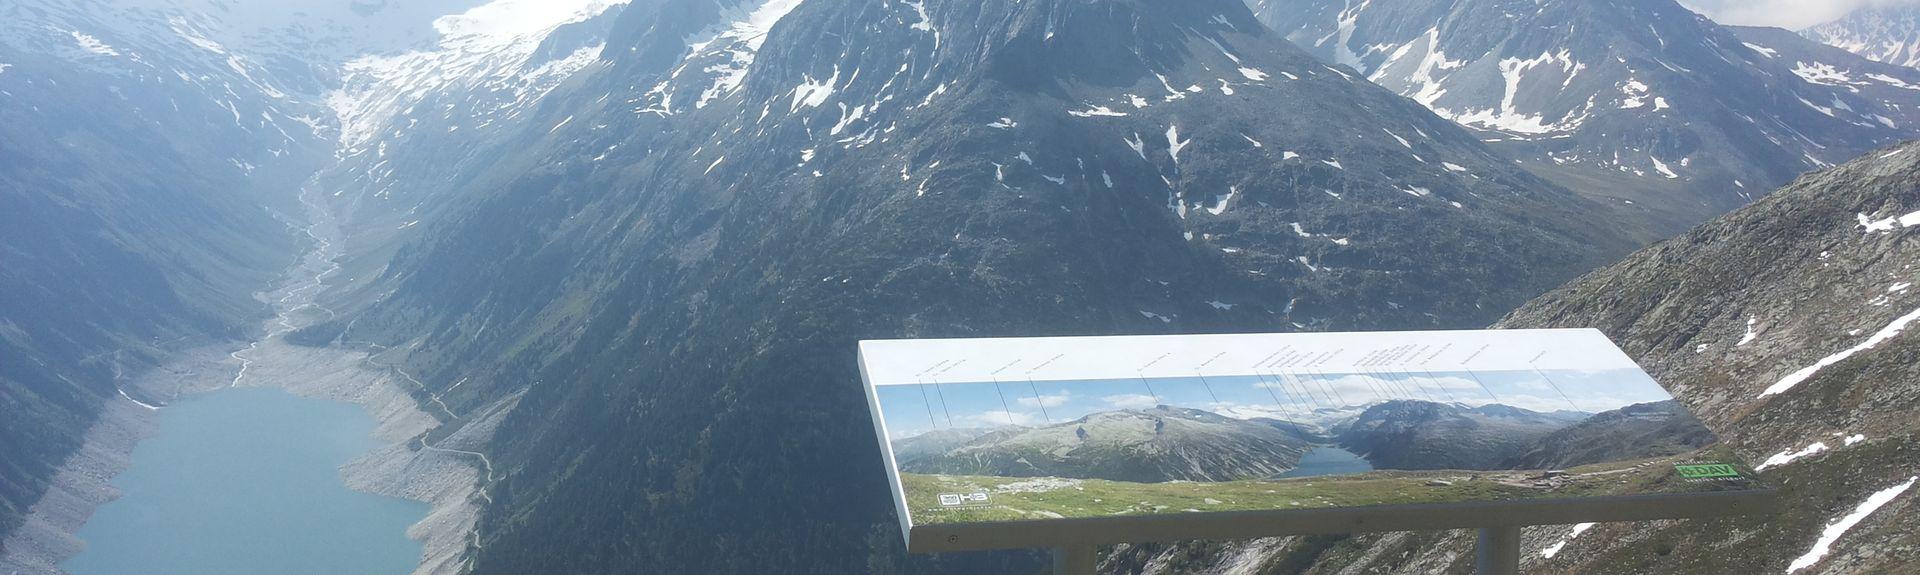 Zell am Ziller, Tyrol, Autriche